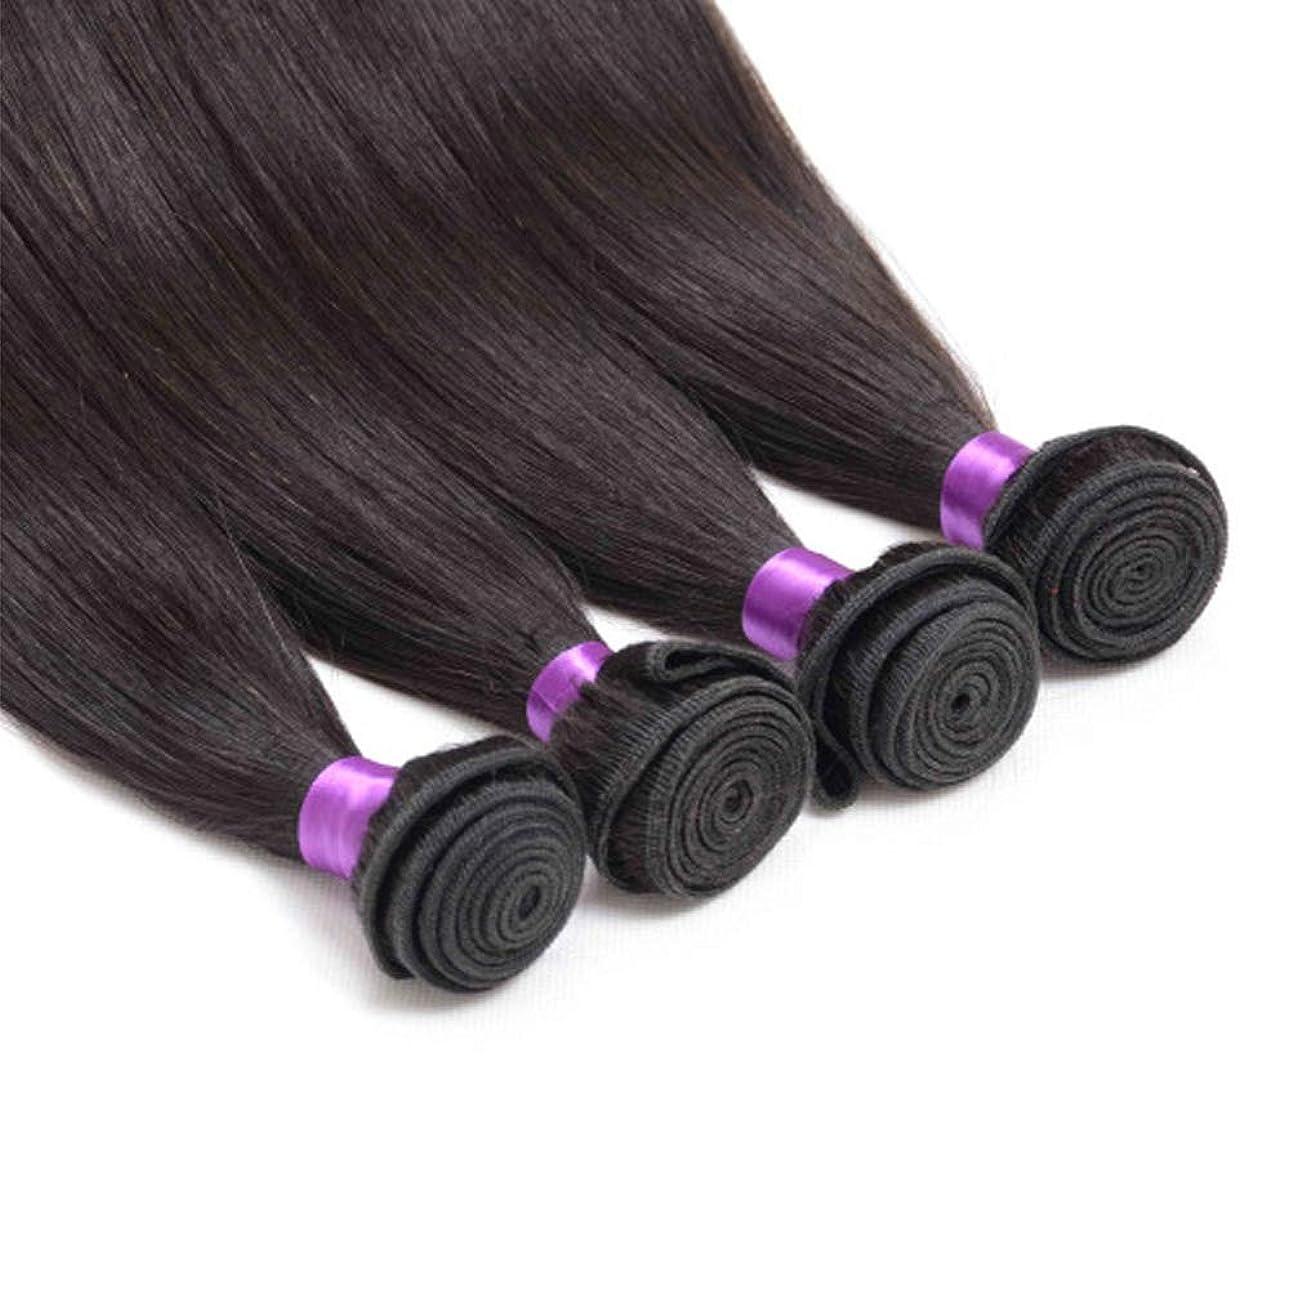 コンデンサーレンダリング改修する女性の髪の毛8aブラジルストレートヘア1バンドル100%未処理のバージンストレートヘアバンドルヒューマンエクステンション